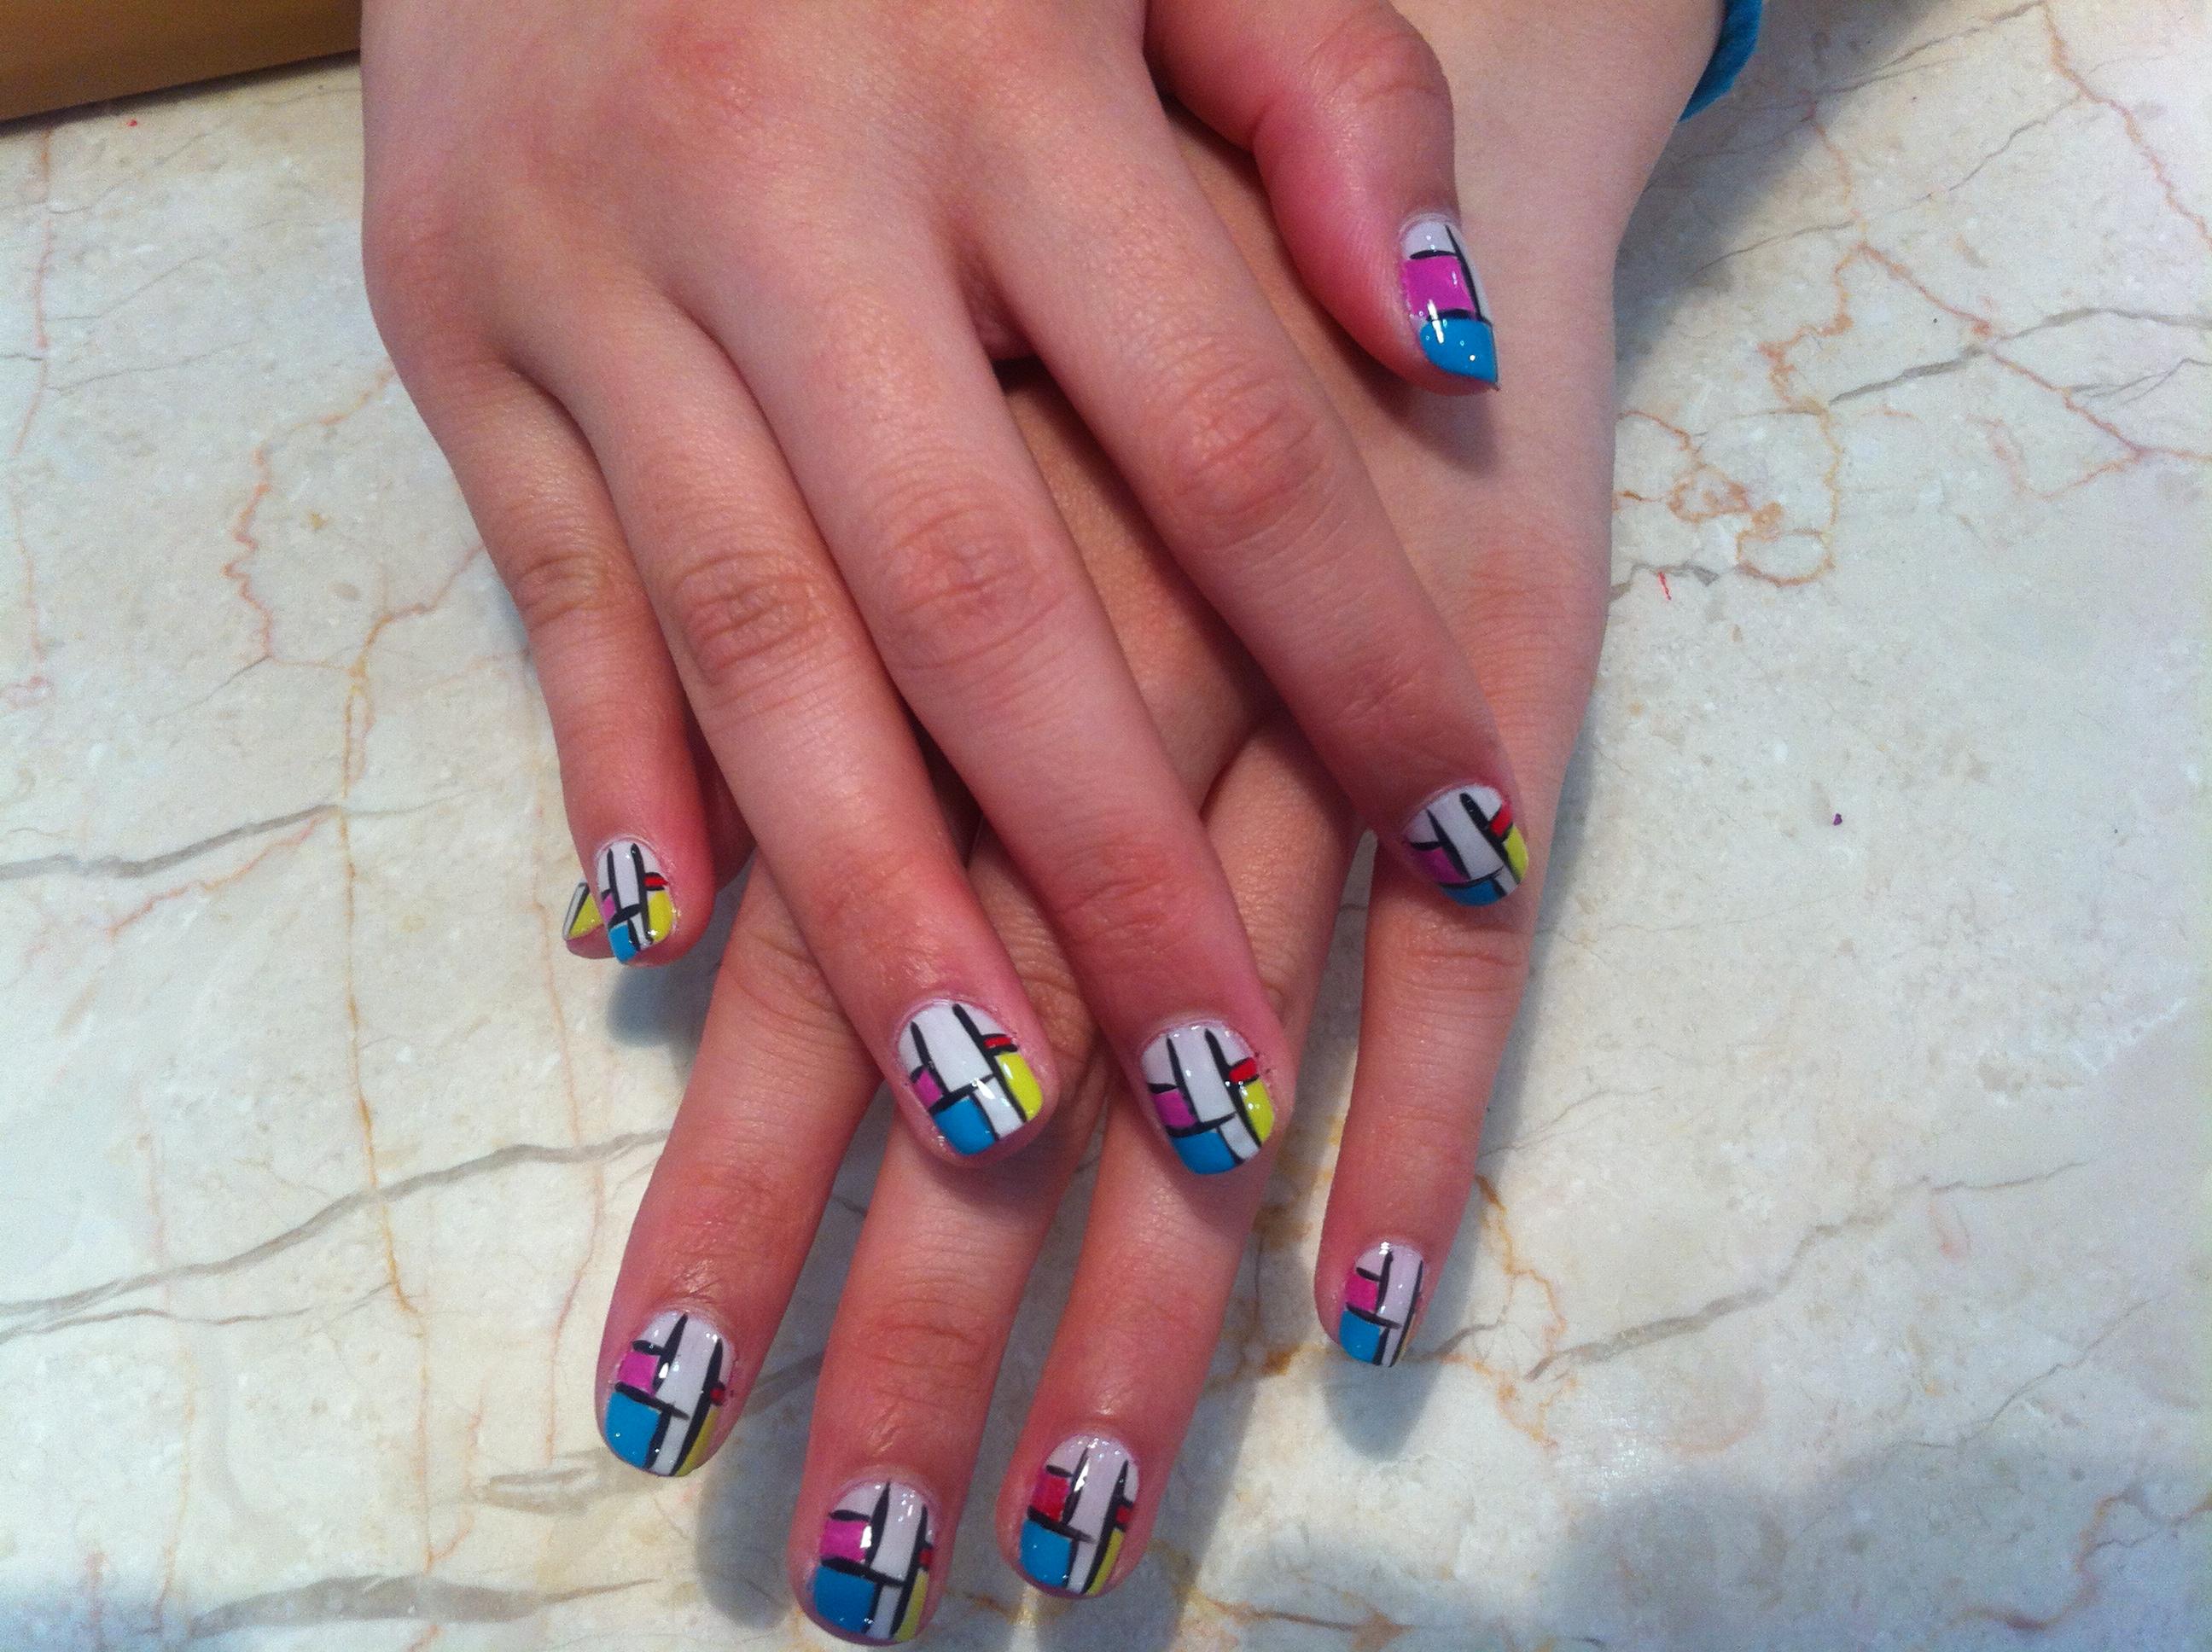 Golden Nails Spa 182 Summer St Ste 6, Kingston, MA 02364 - YP.com